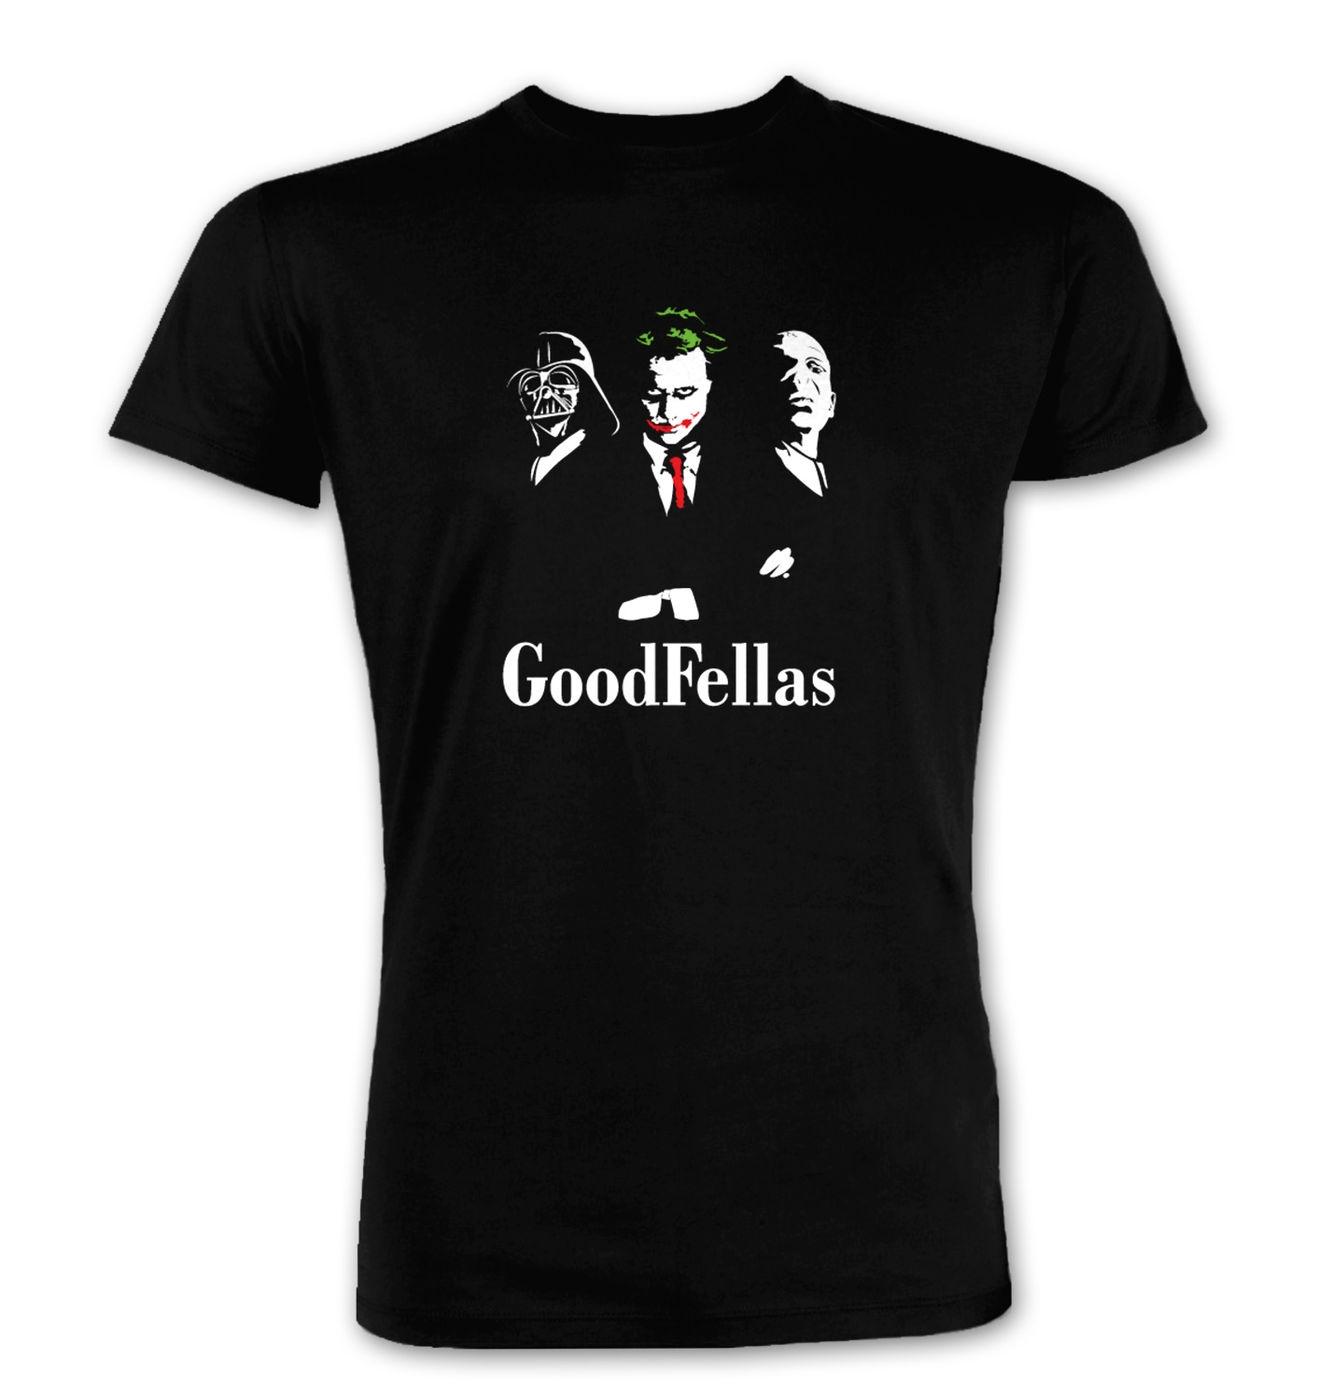 Goodfellas premium t-shirt by Something Geeky